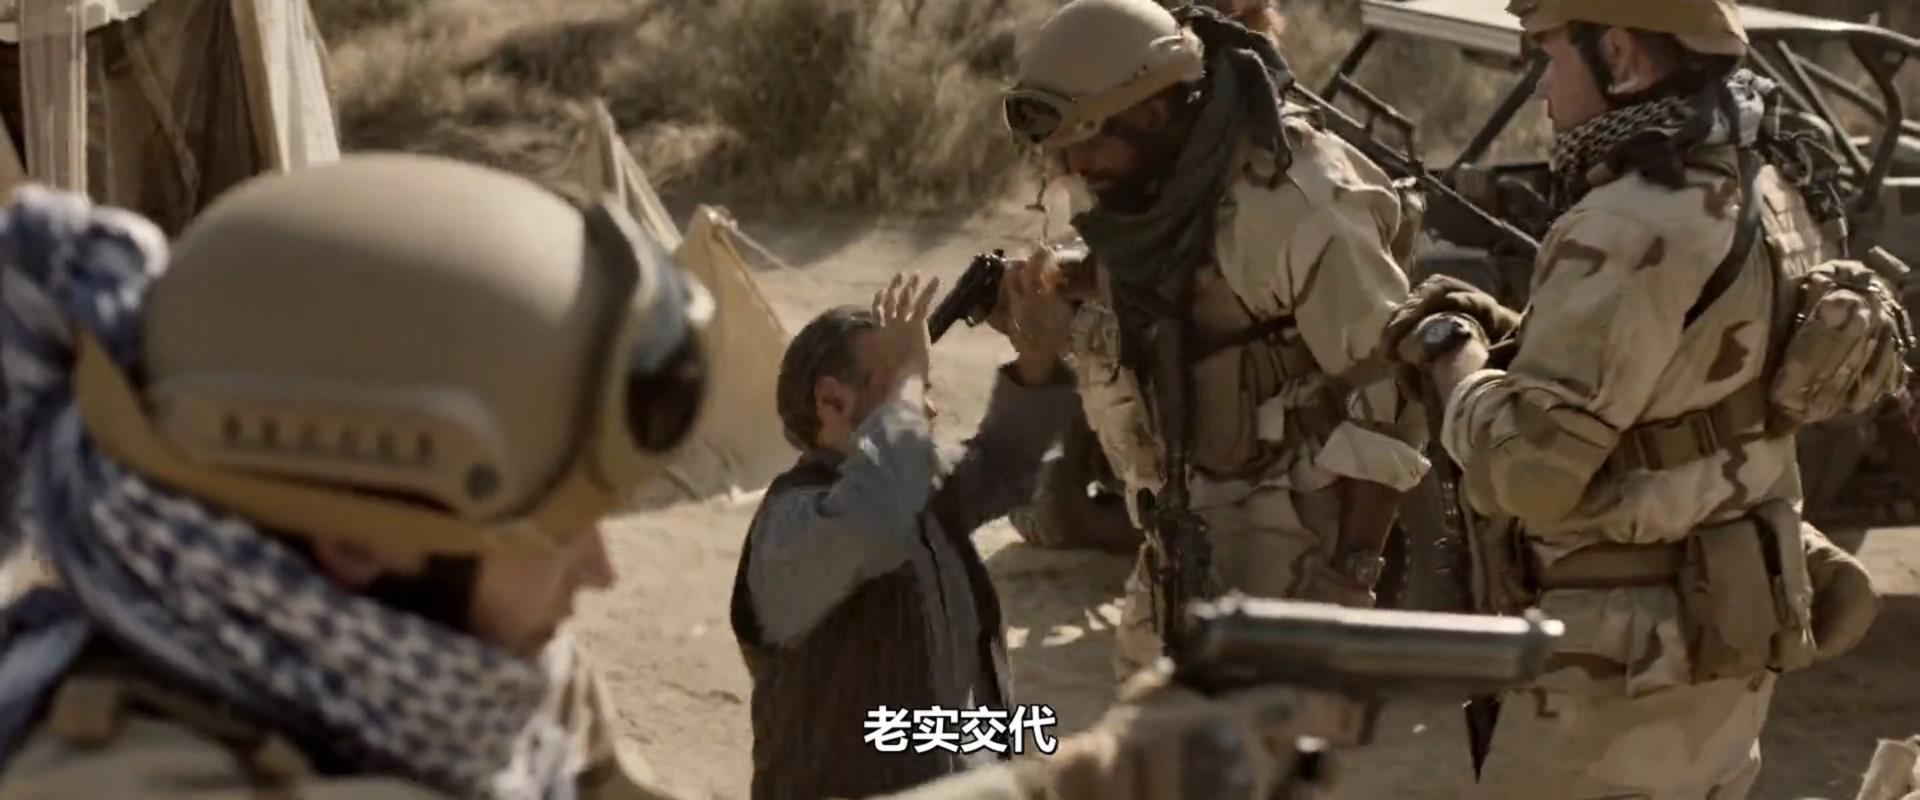 [流氓战争2:狩猎行动][英语中字][2019美国动作]-资源下载插图(1)